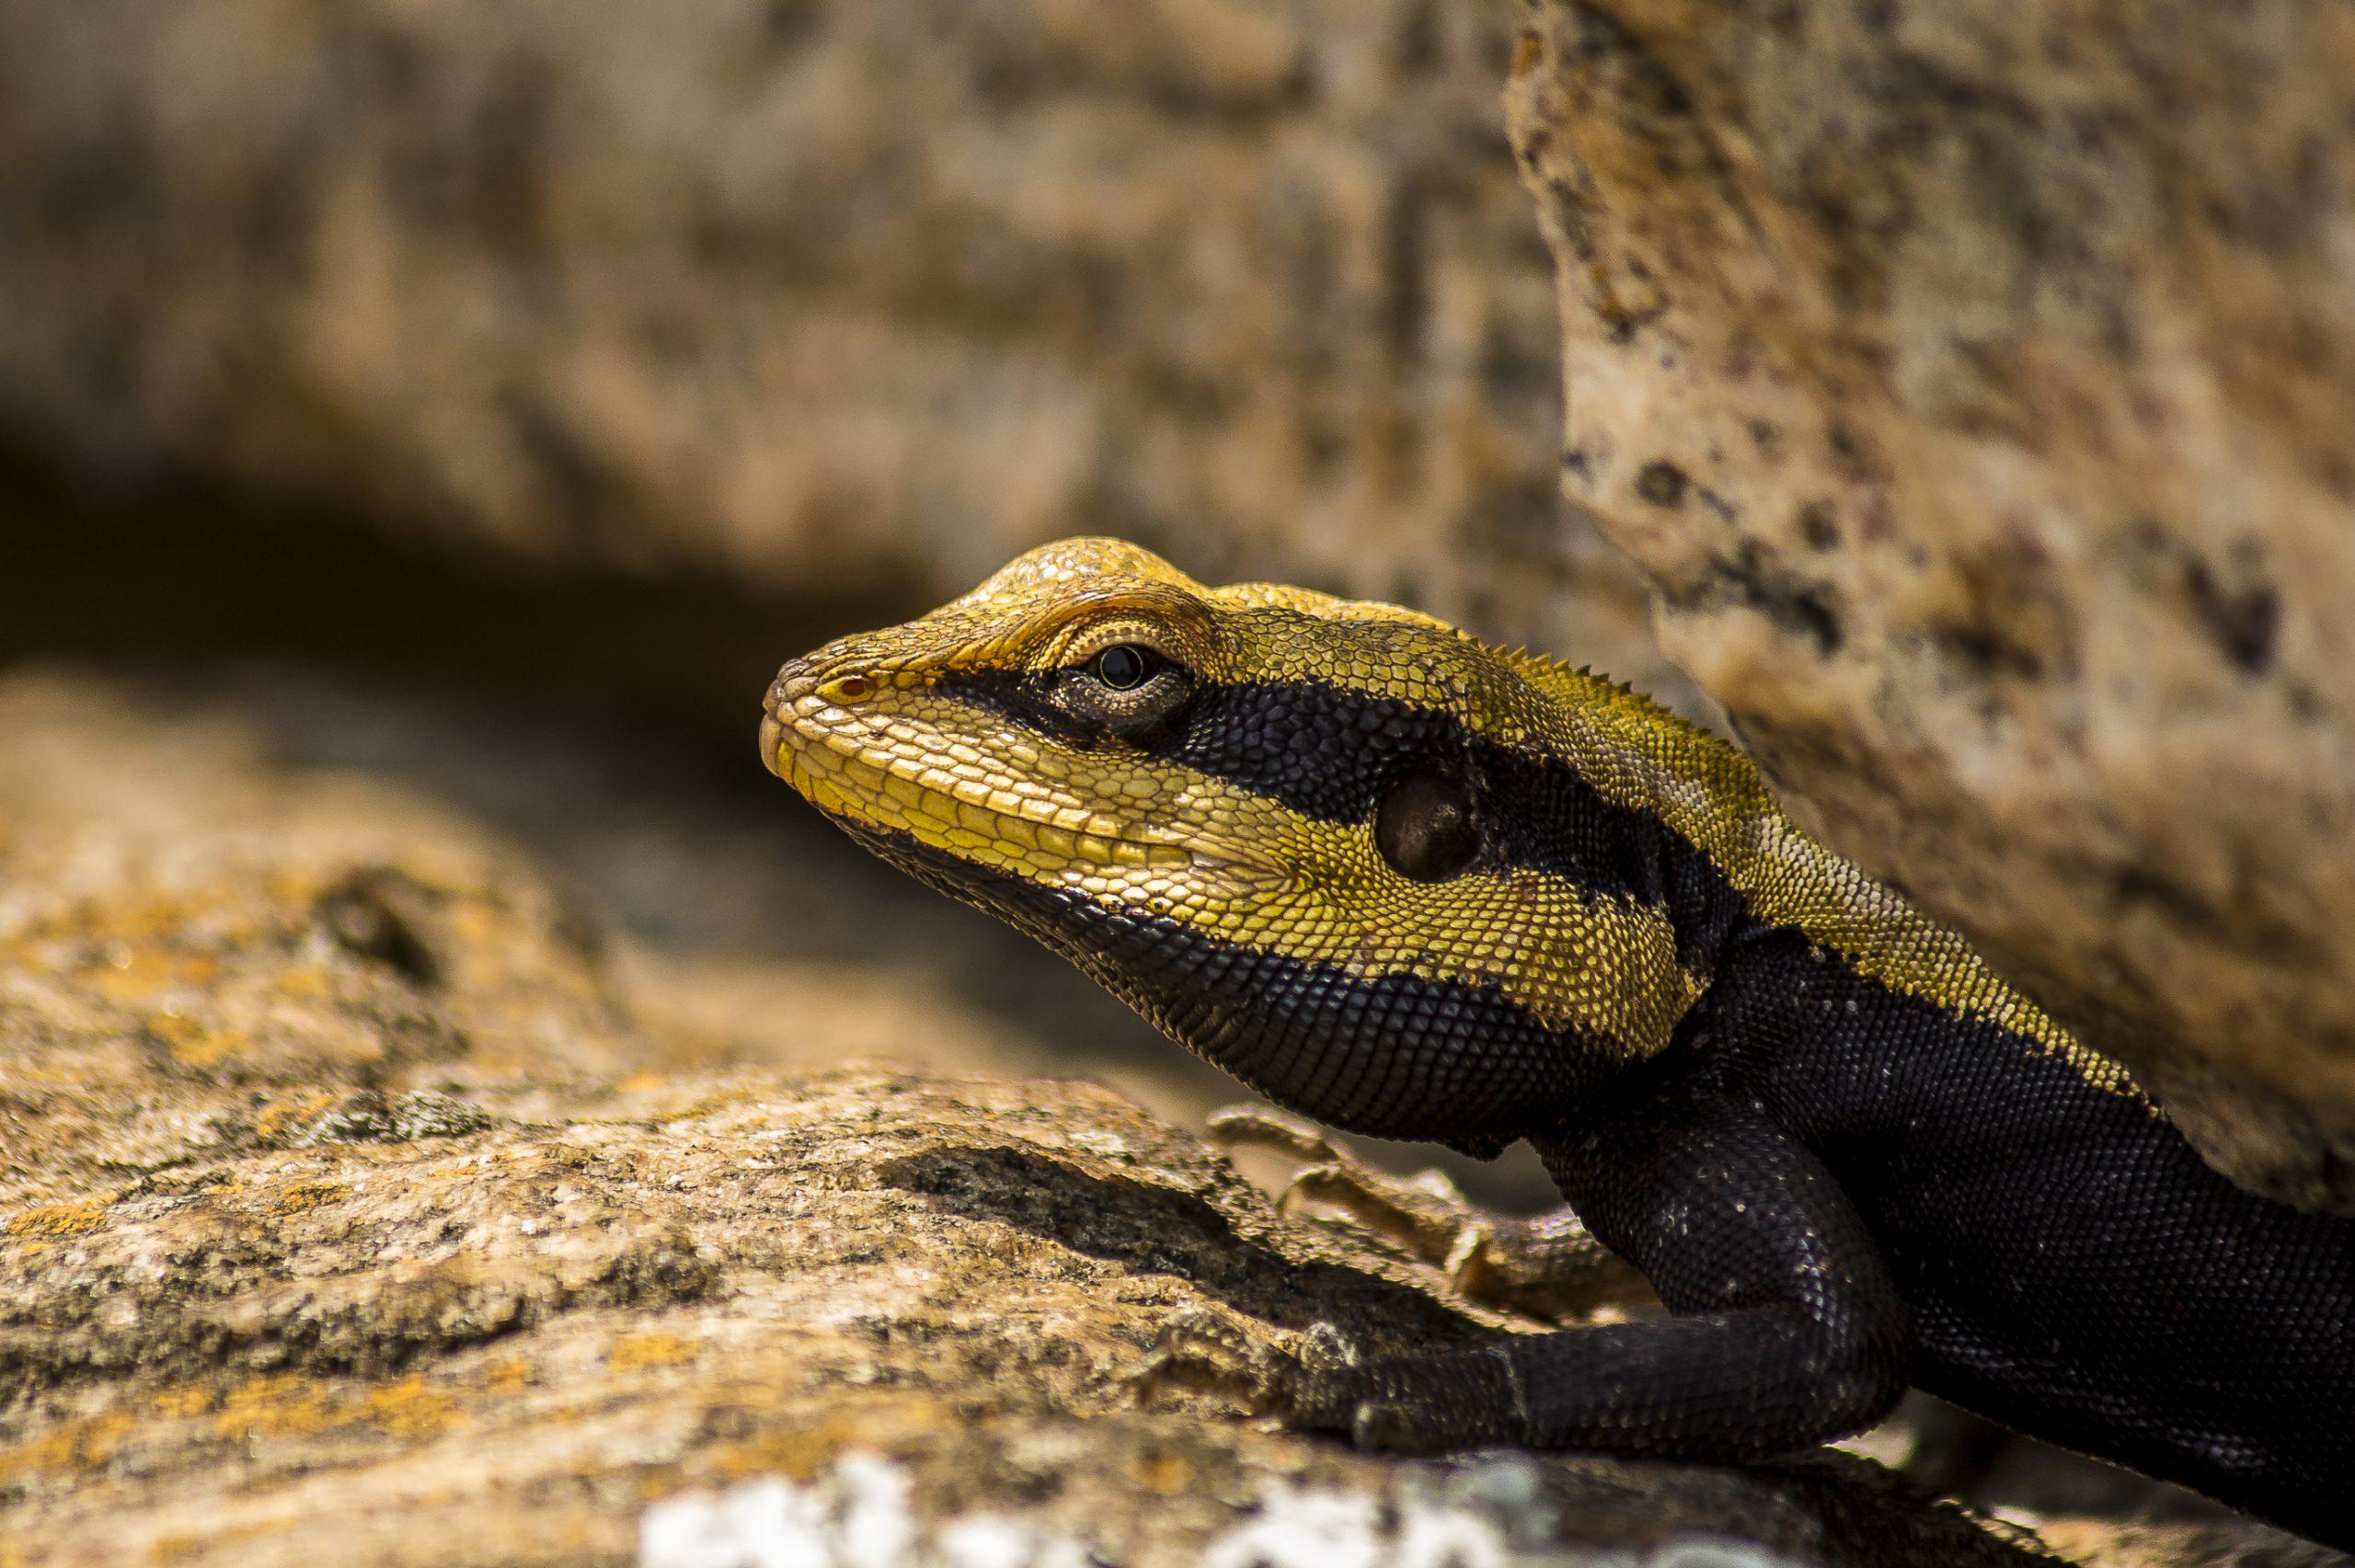 A garden lizard